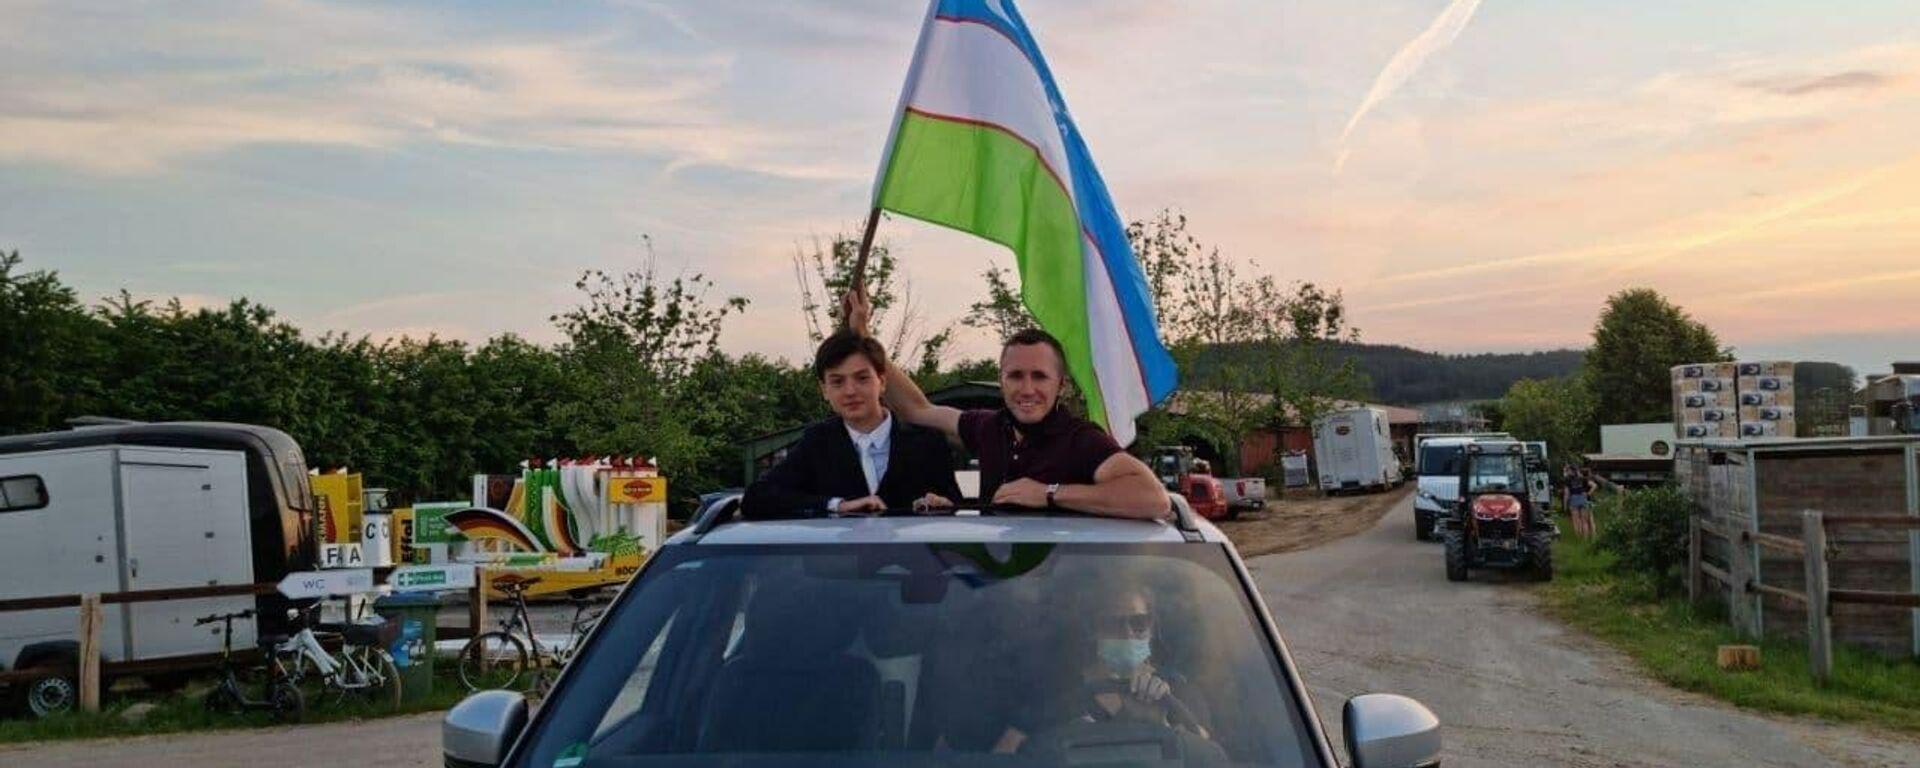 Узбекистанские наездники выиграли две медали на чемпионате по конному спорту в Германии - Sputnik Узбекистан, 1920, 11.06.2021